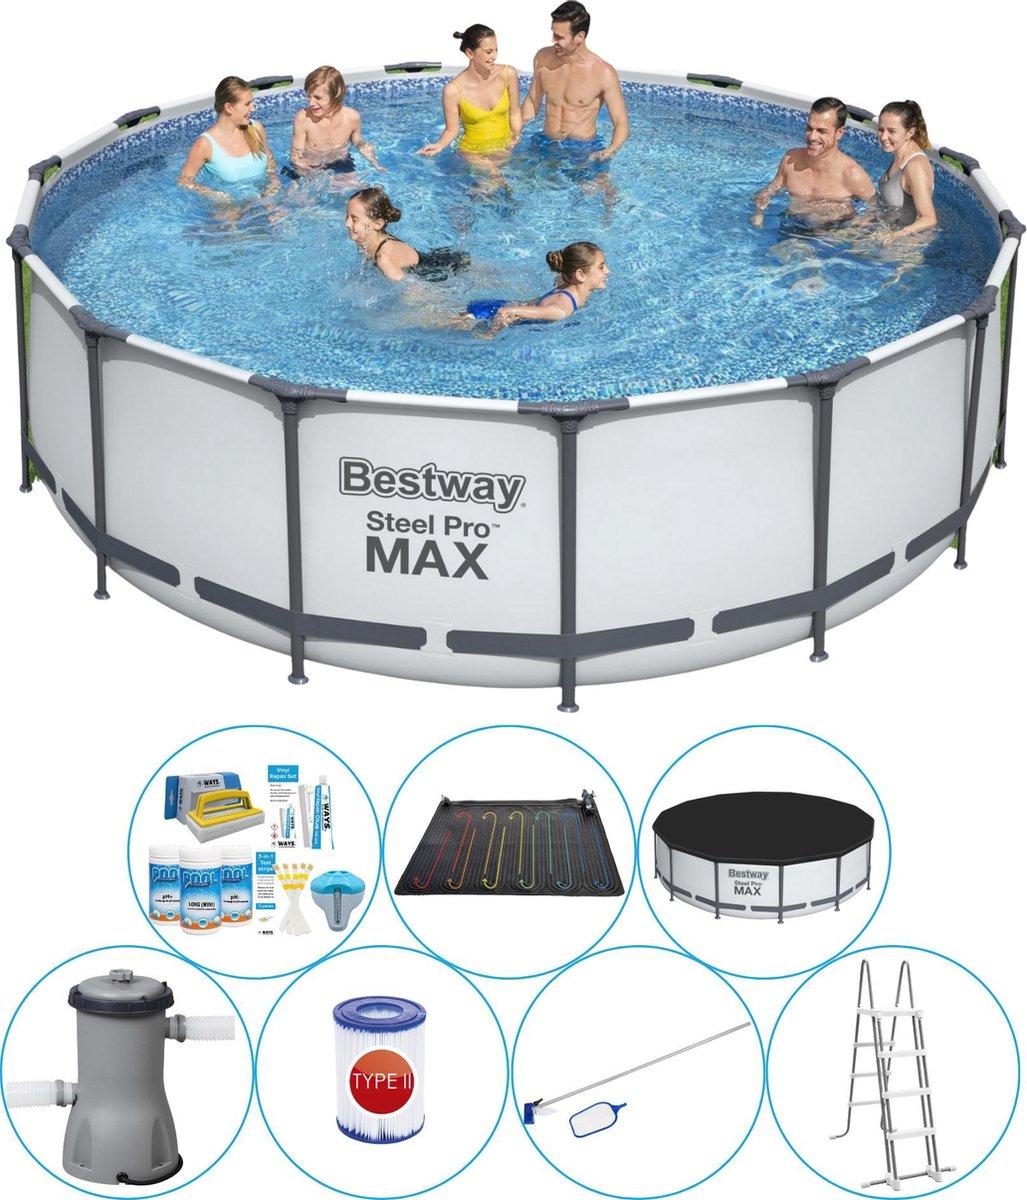 Bestway Steel Pro MAX Rond 457x122 cm - Slimme Zwembad Deal